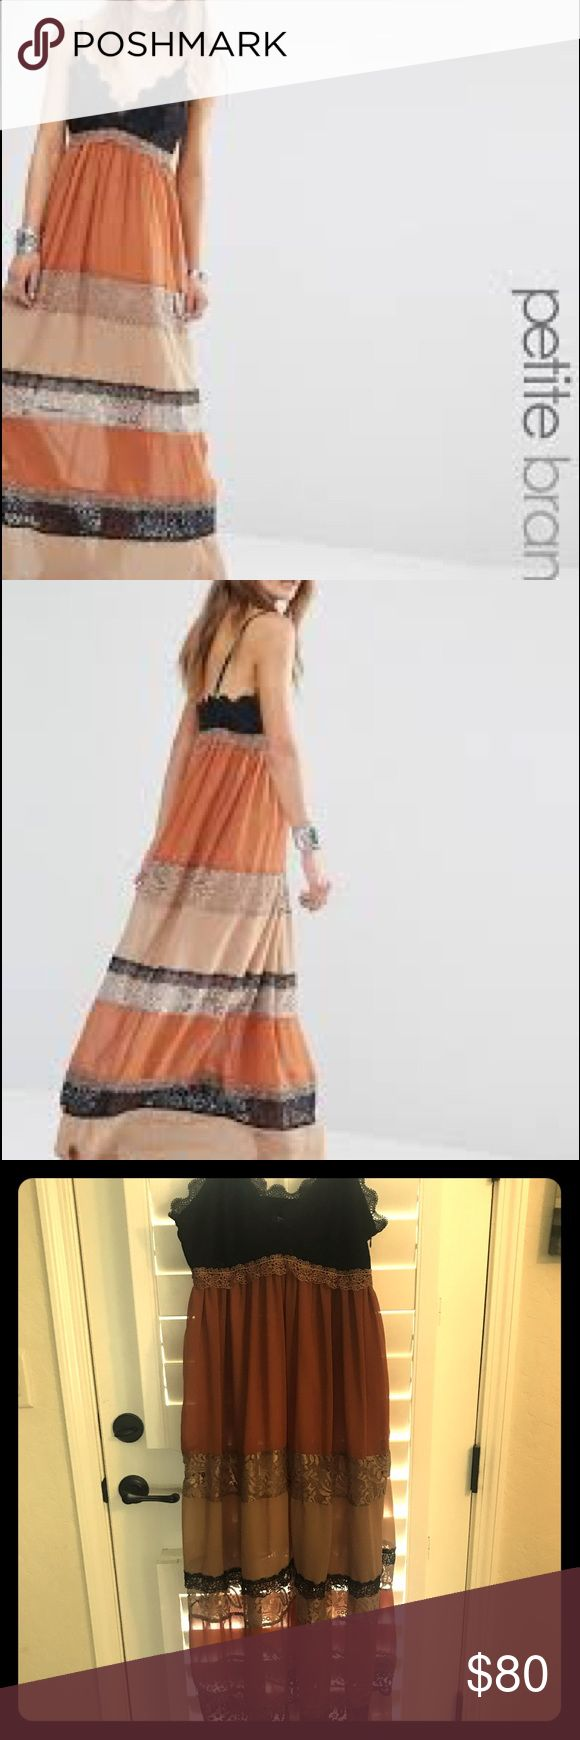 Glamorous petite lace insert maxi dress Asos Glamorous petite lace insert maxi dress nwt ASOS Petite Dresses Maxi